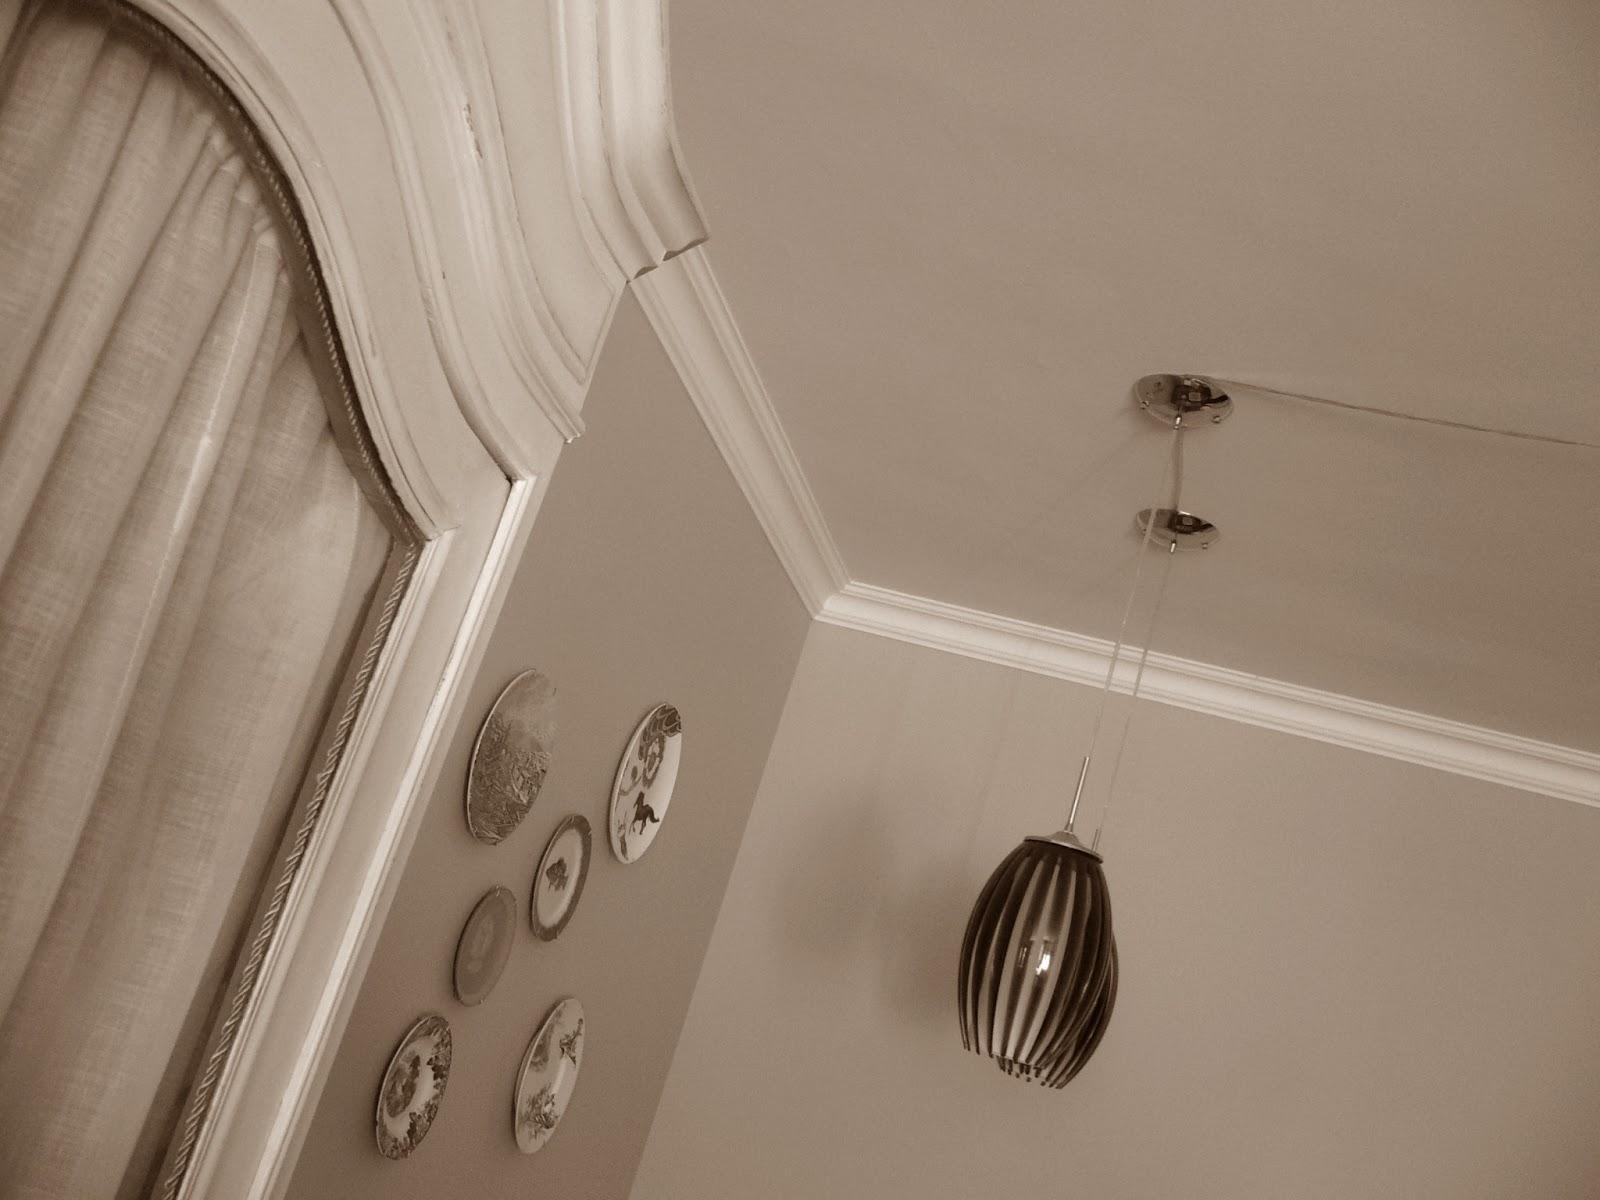 Diy moldura para el techo tu caj n vintage - Molduras techo poliuretano ...